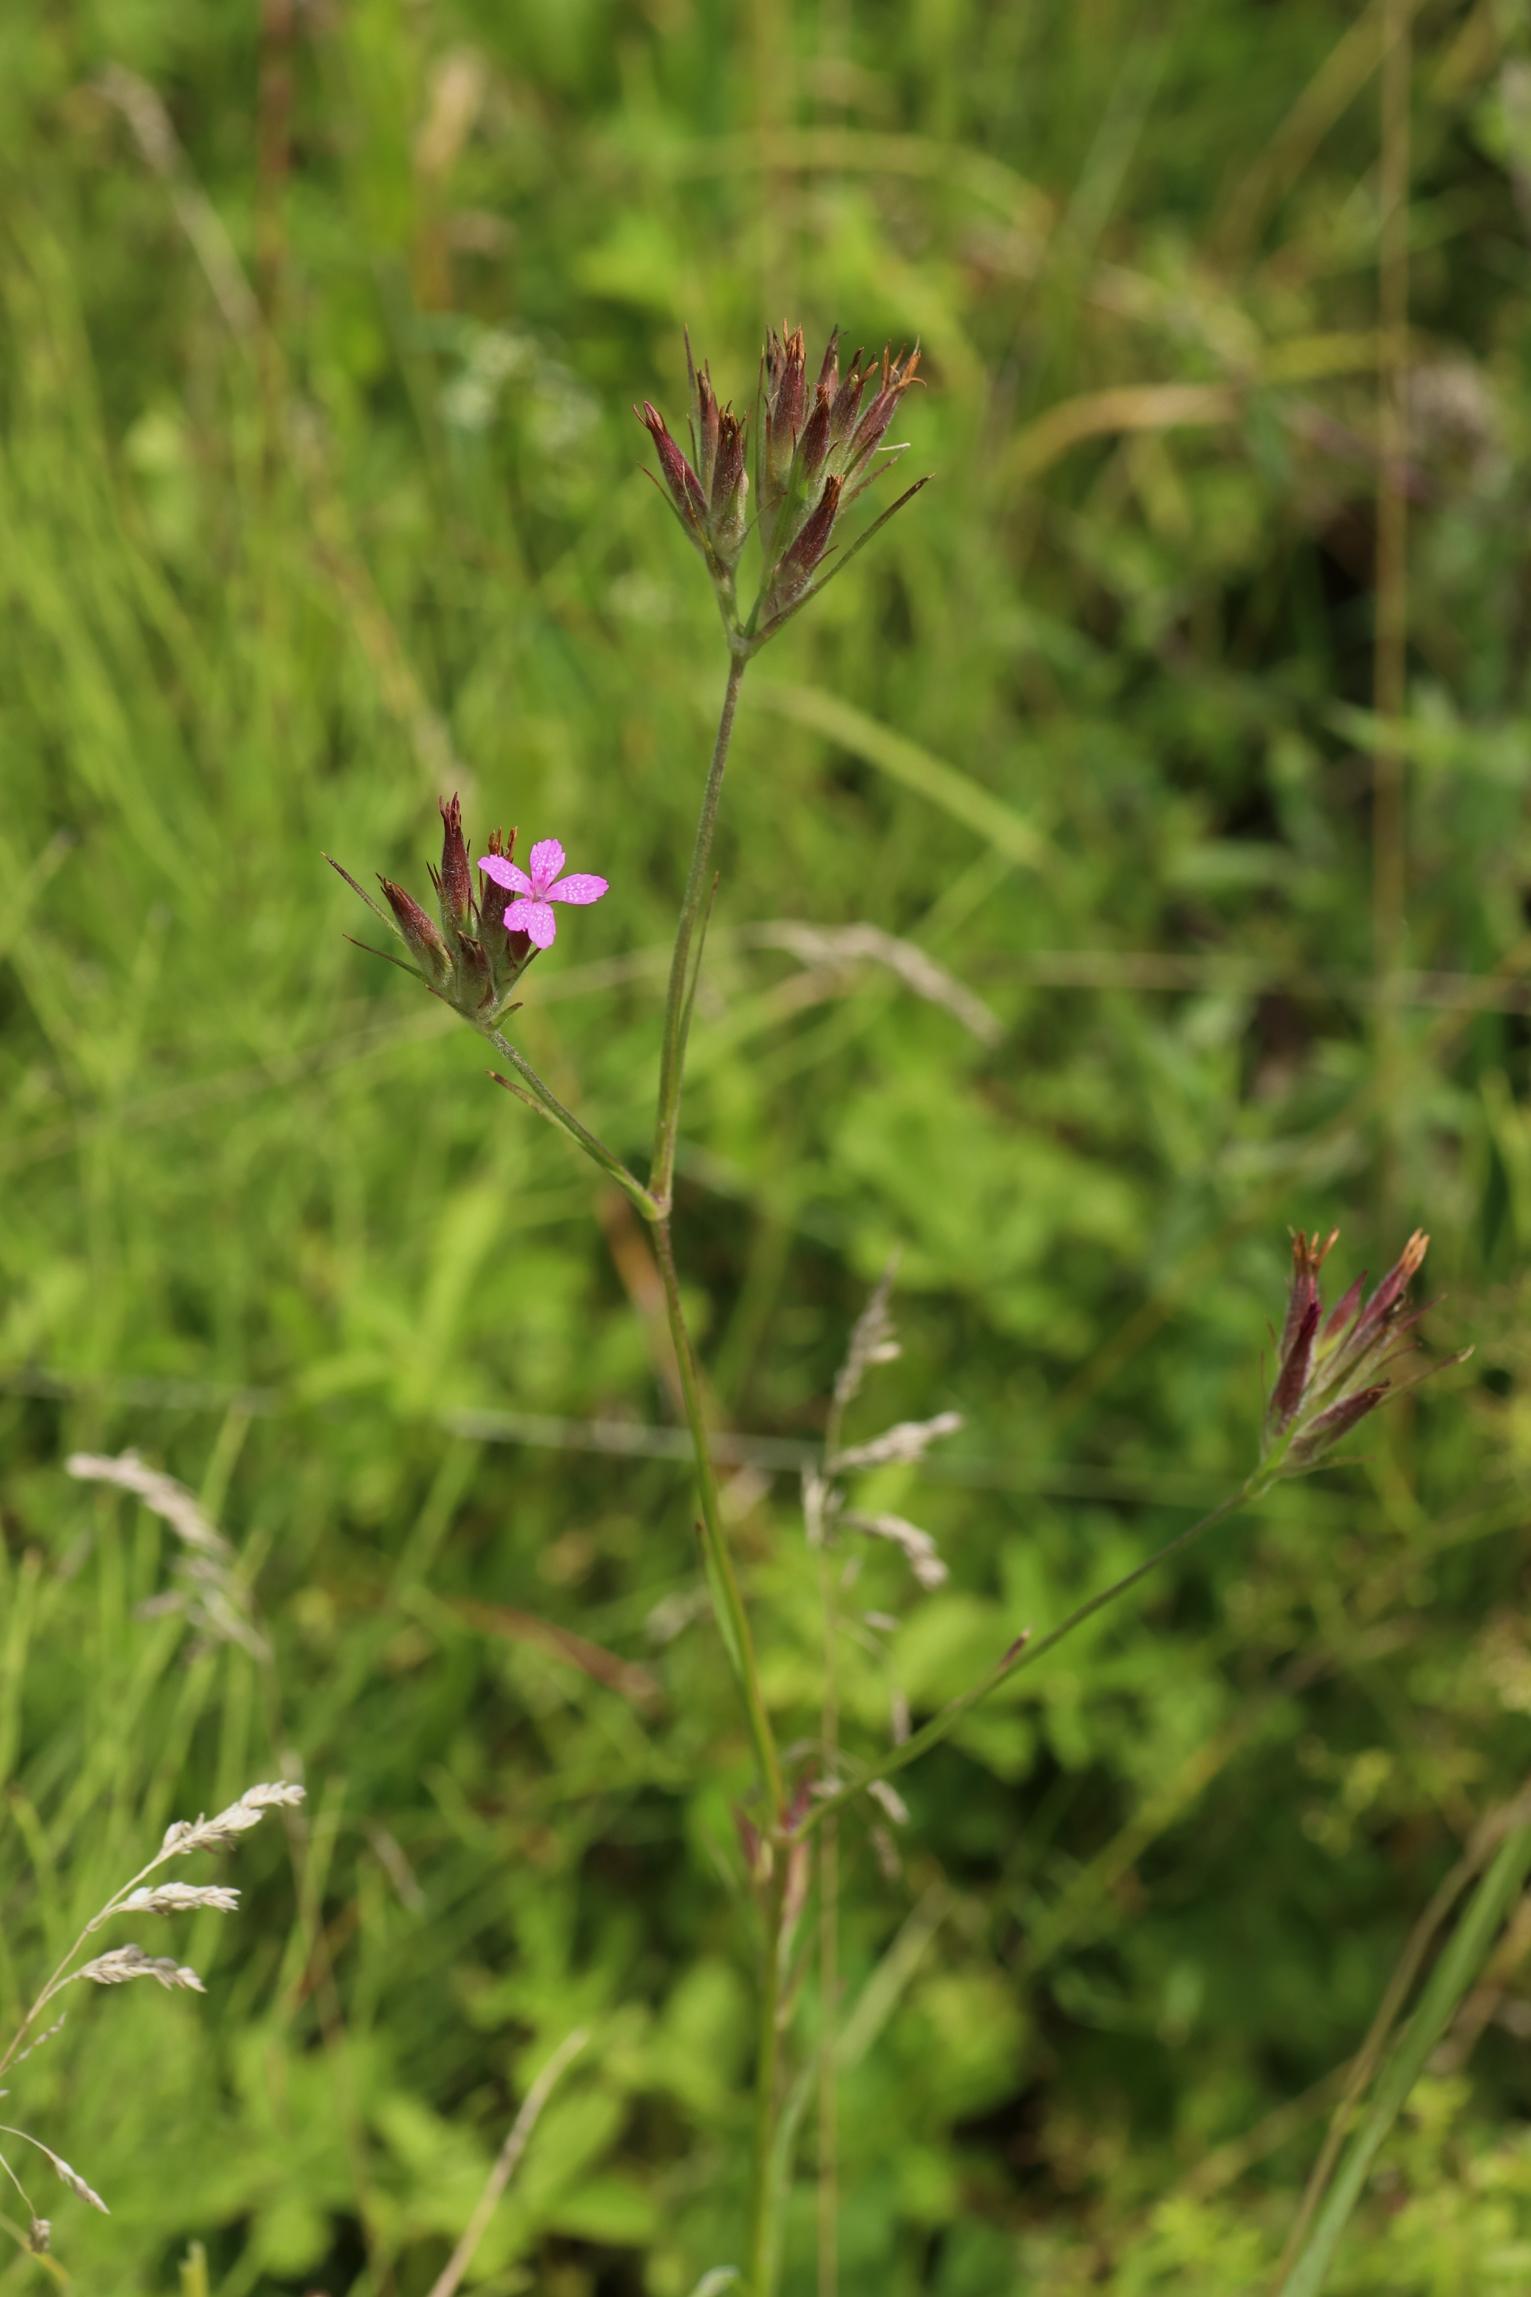 Raue Nelke - Dianthus armeria